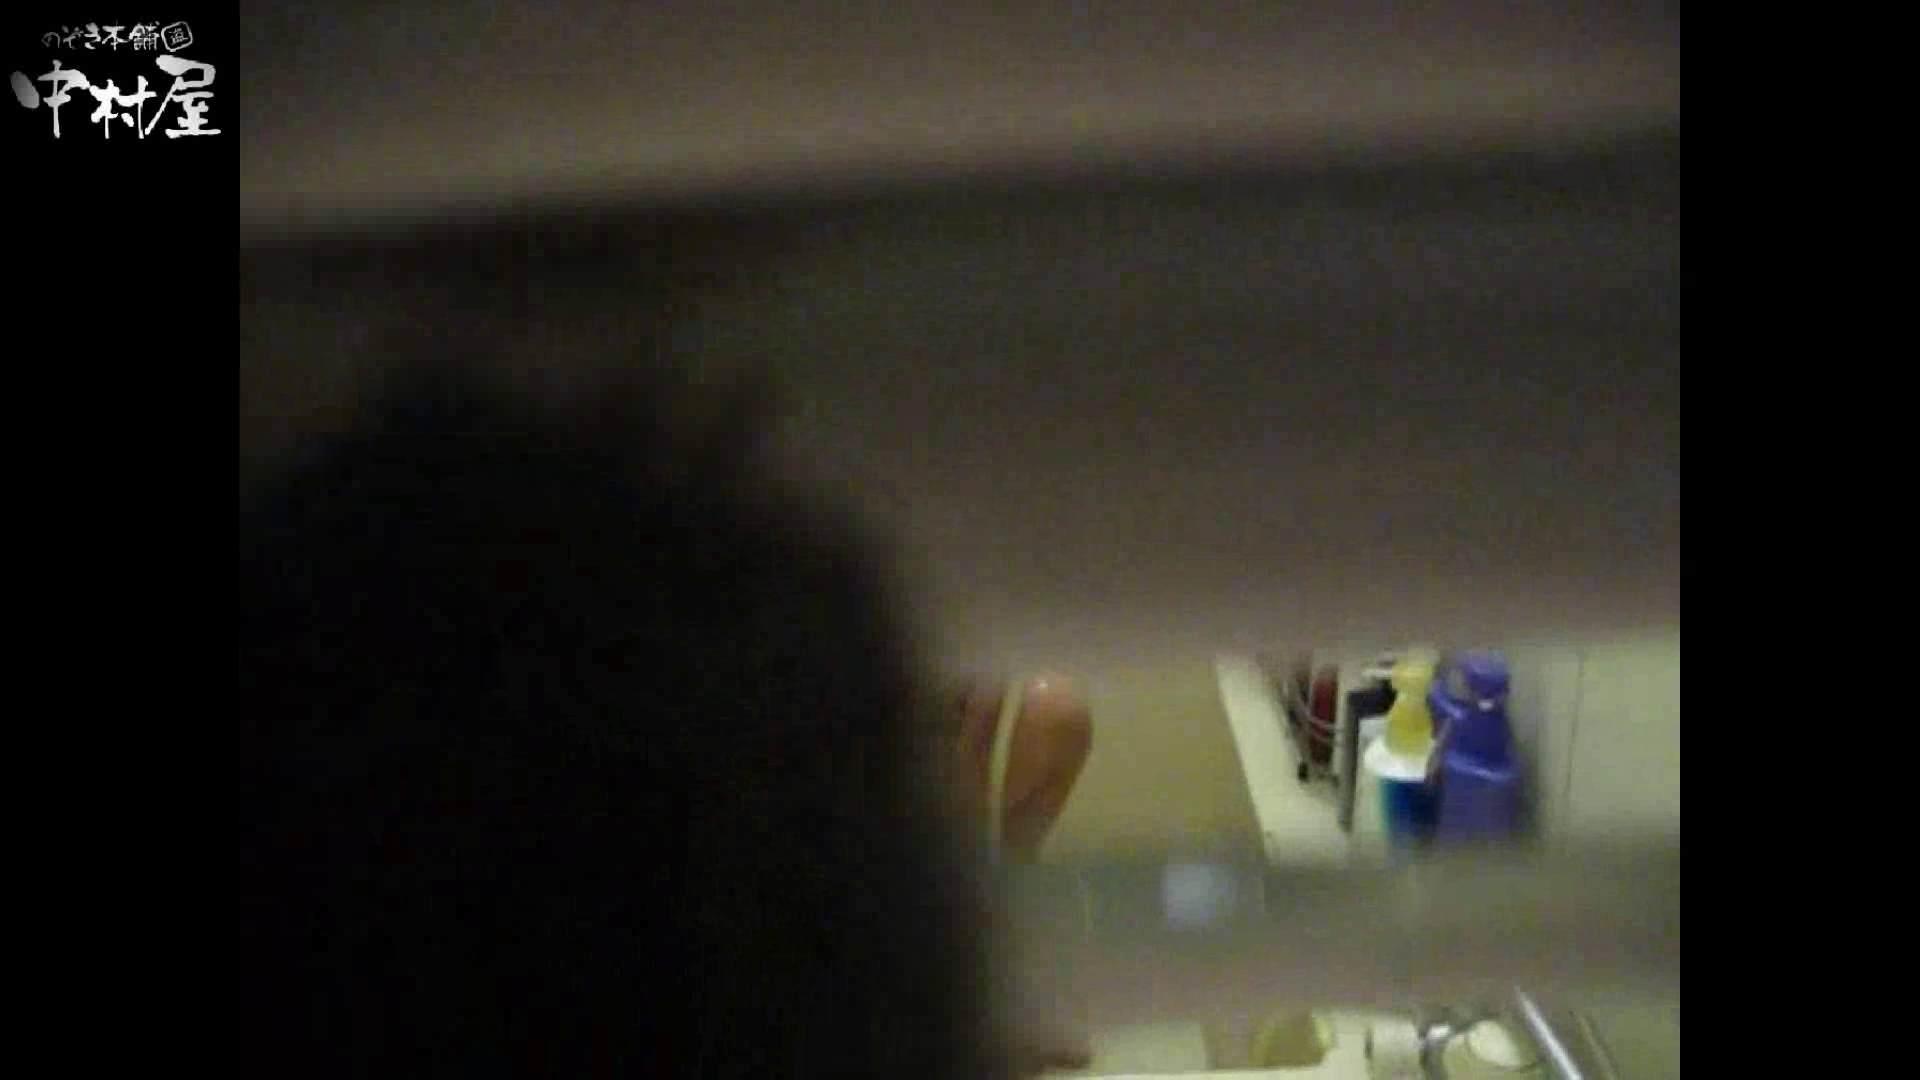 民家風呂専門盗撮師の超危険映像 vol.008 美少女のエロ生活 | 盗撮  37連発 37